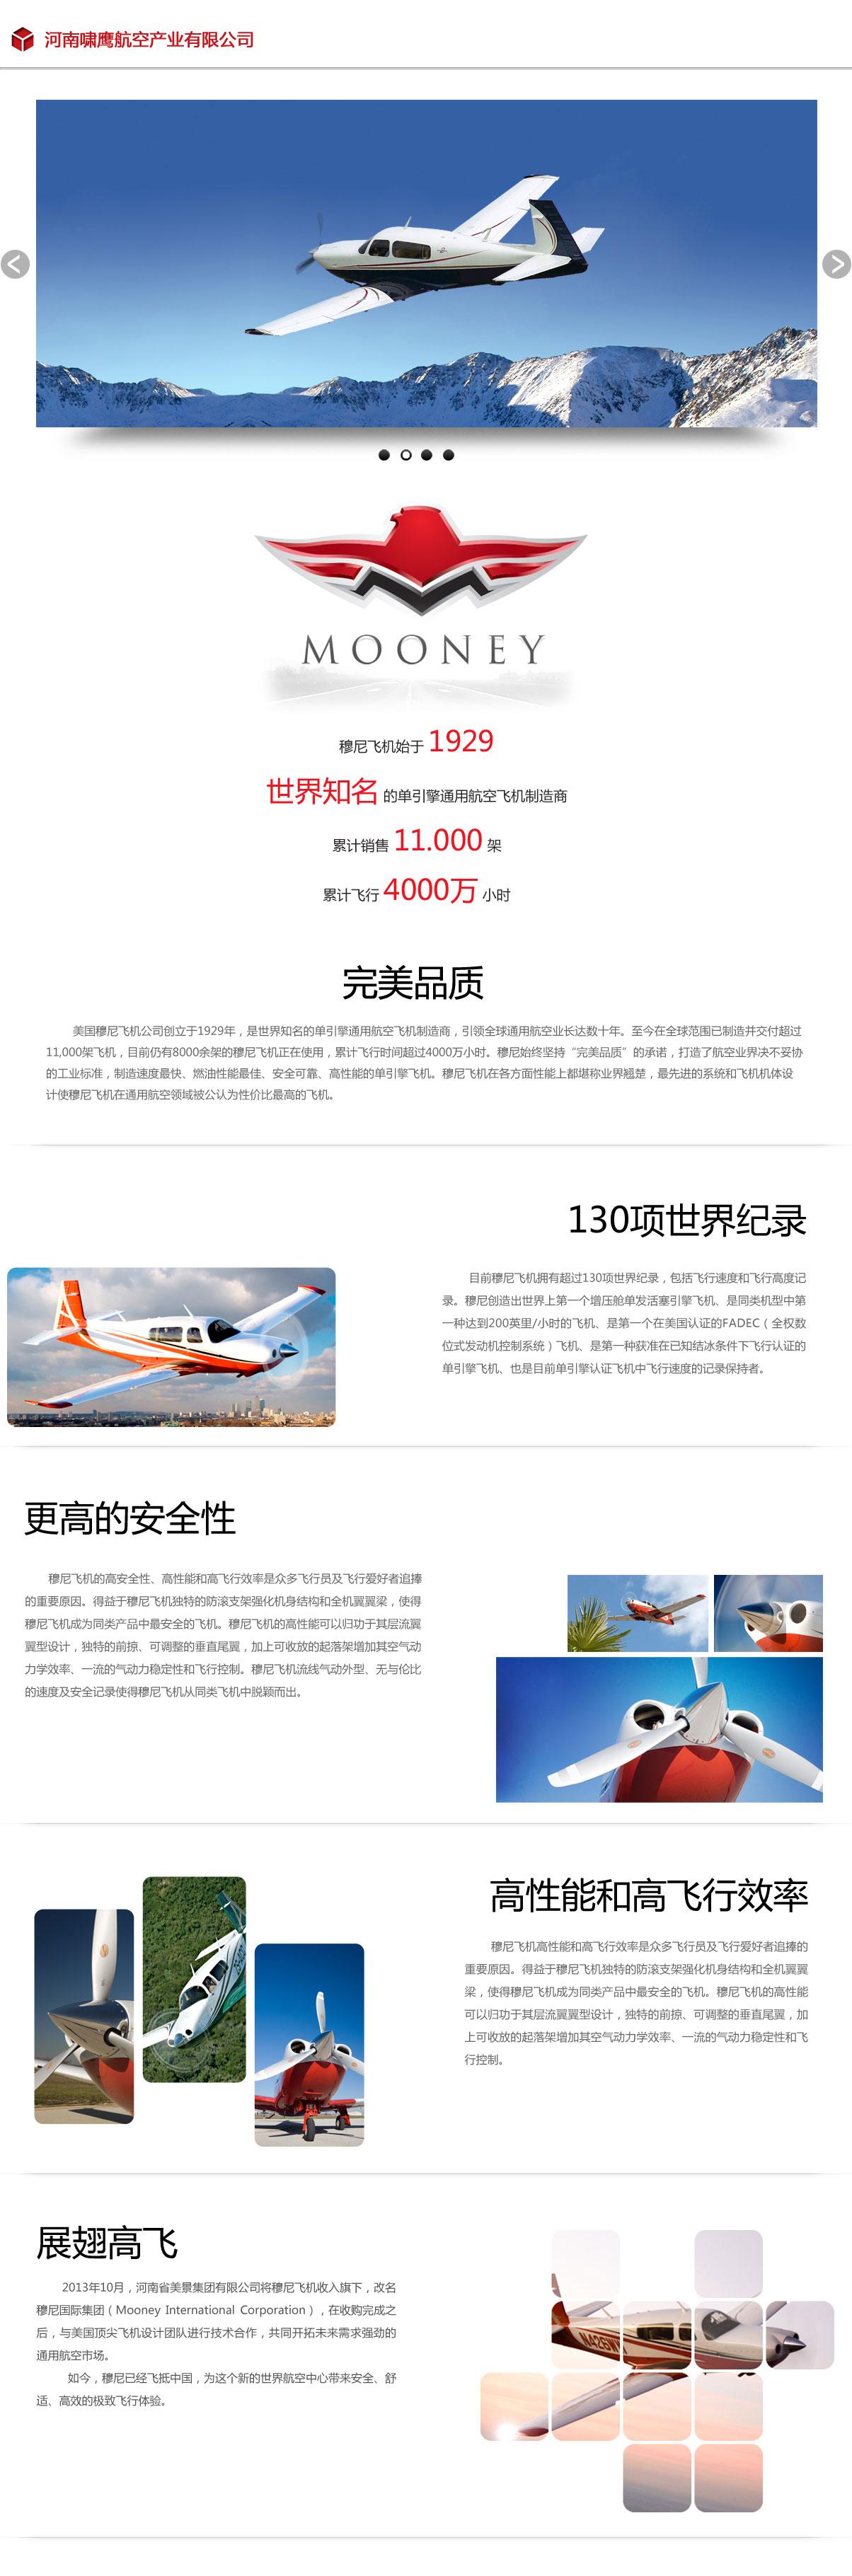 河南啸鹰航空产业有限公司